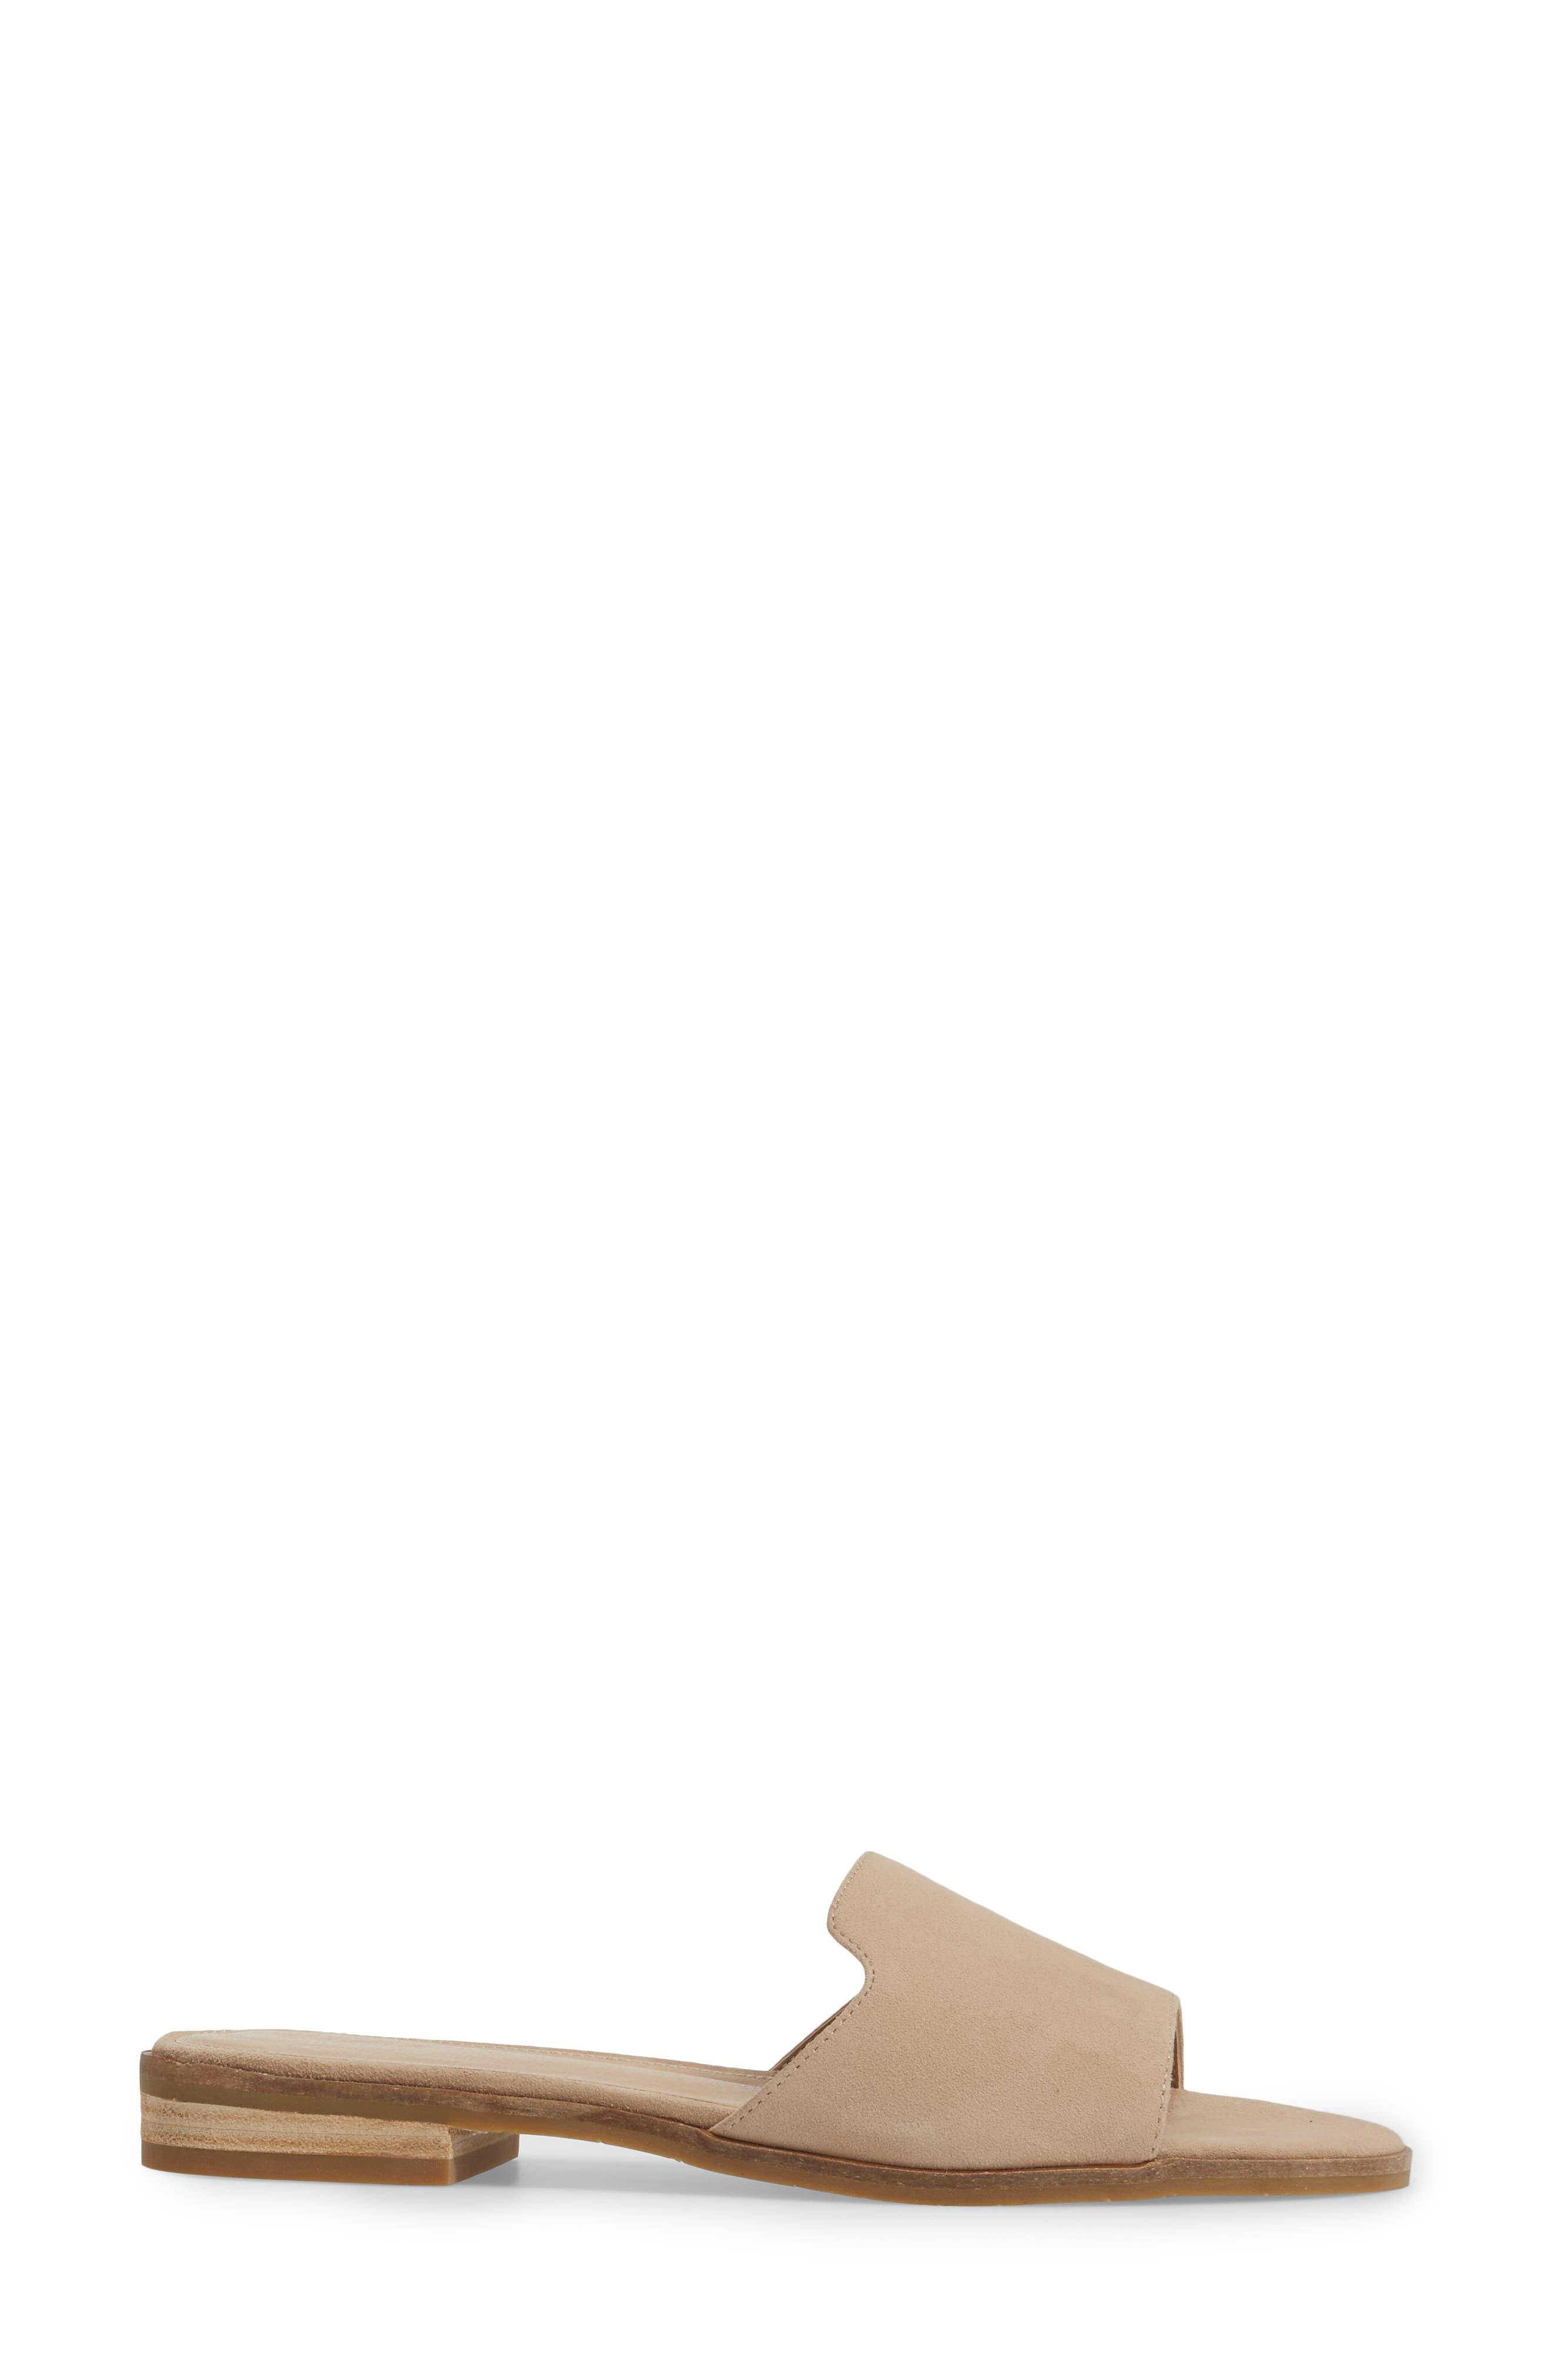 Hailey Slide Sandal,                             Alternate thumbnail 8, color,